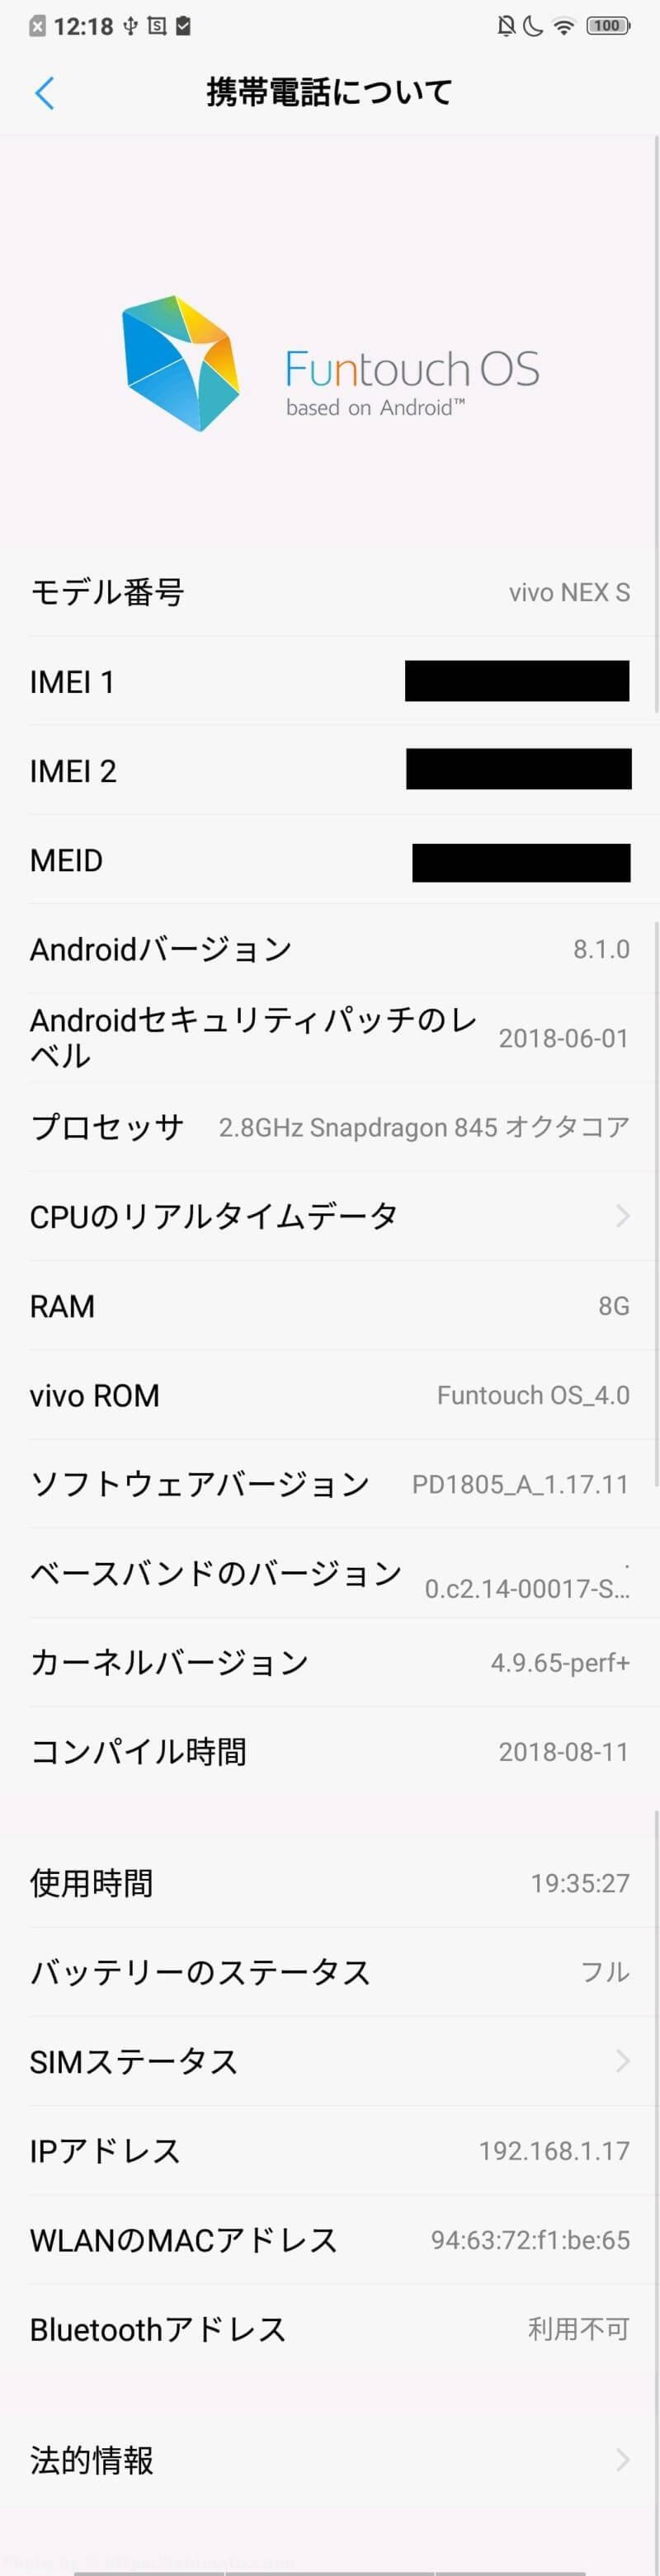 Vivo NEX S 端末詳細